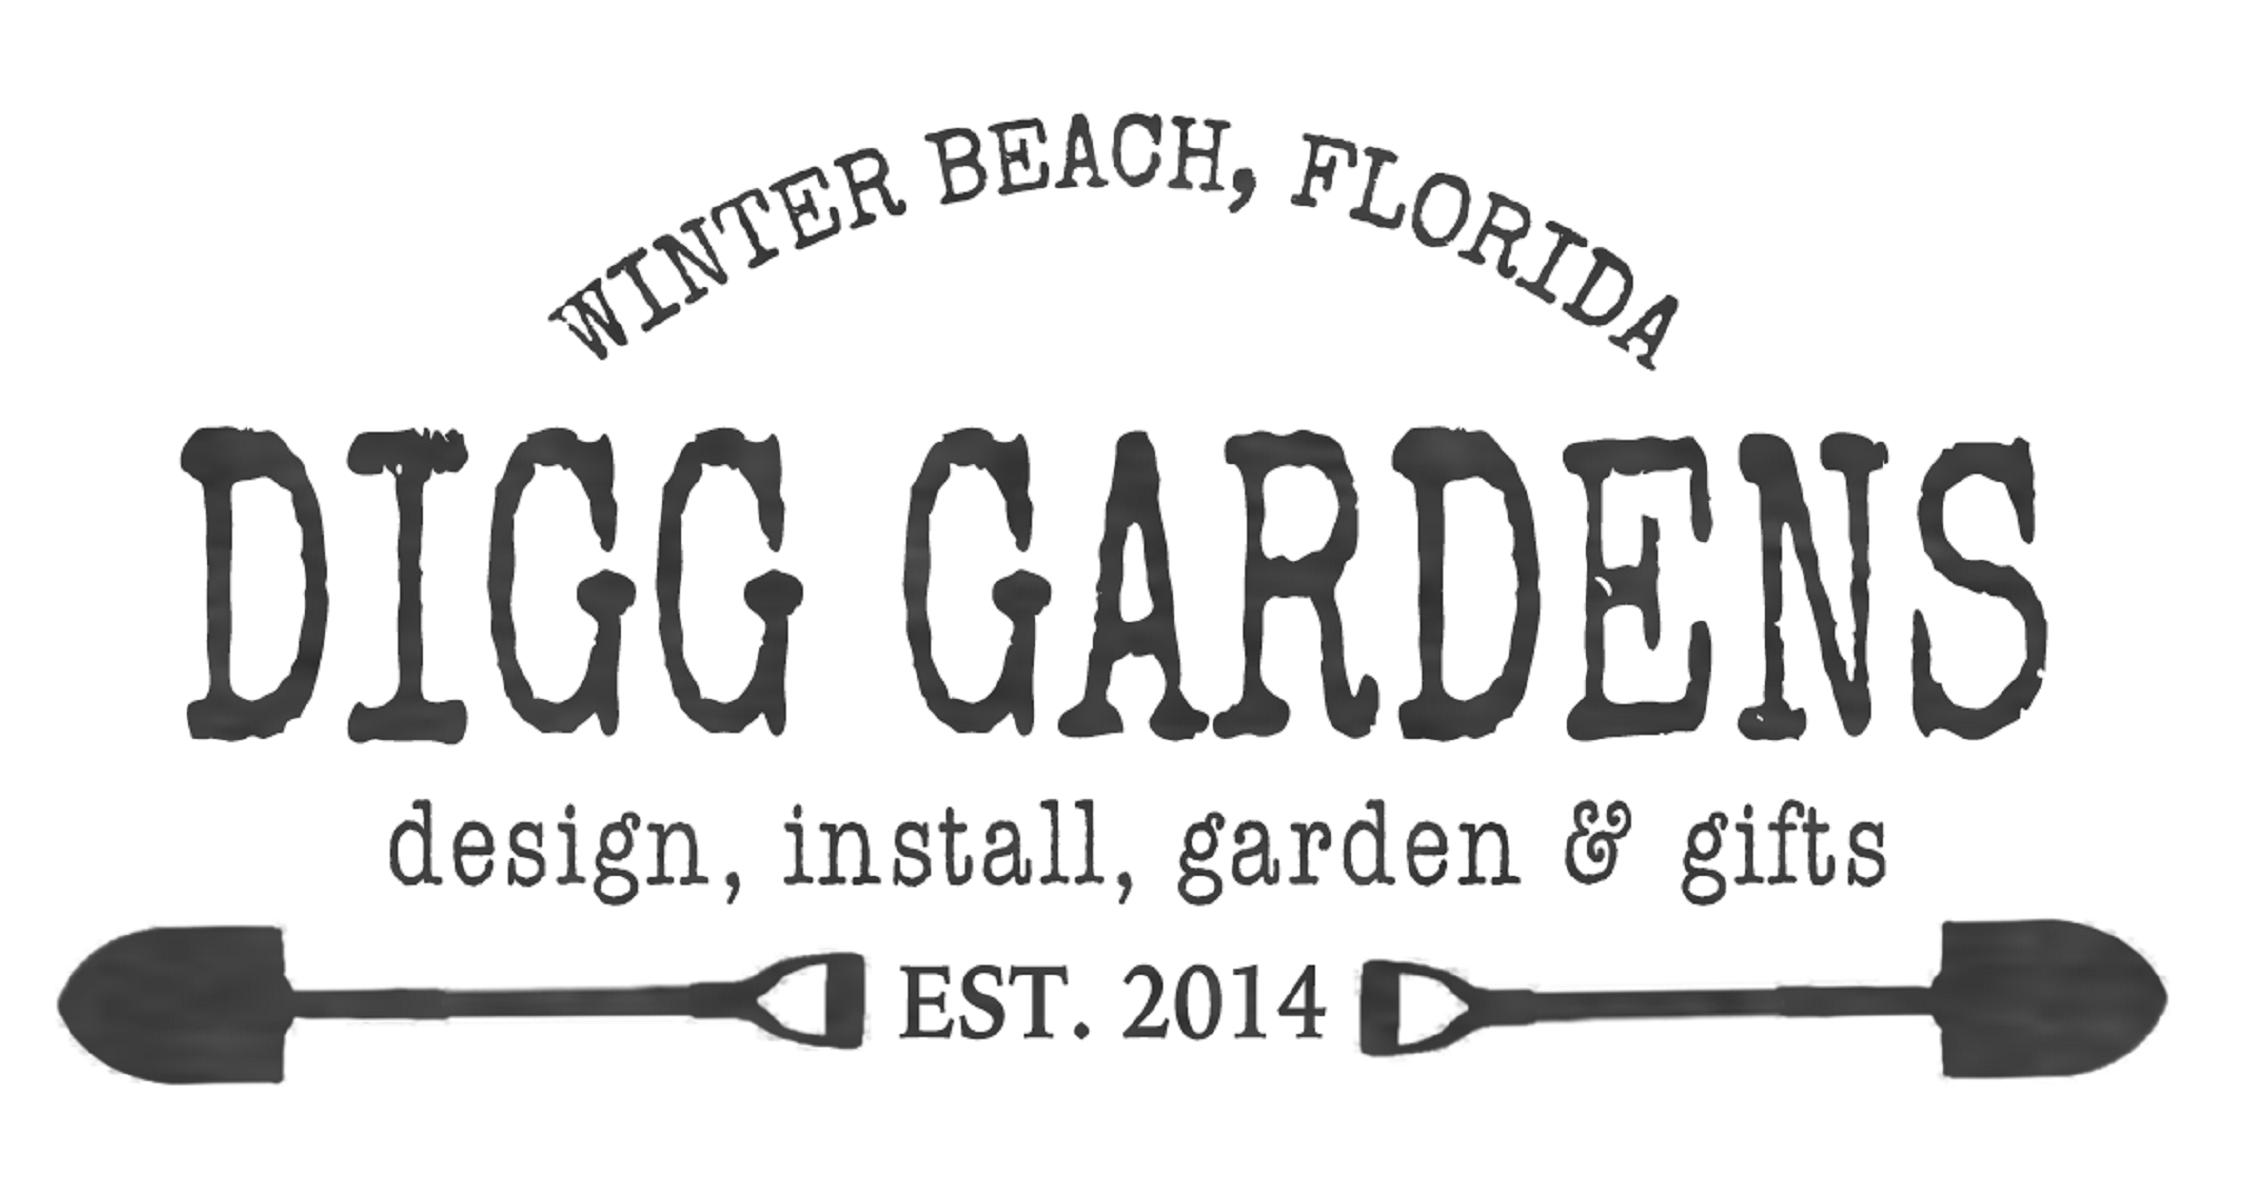 DIGG Gardens